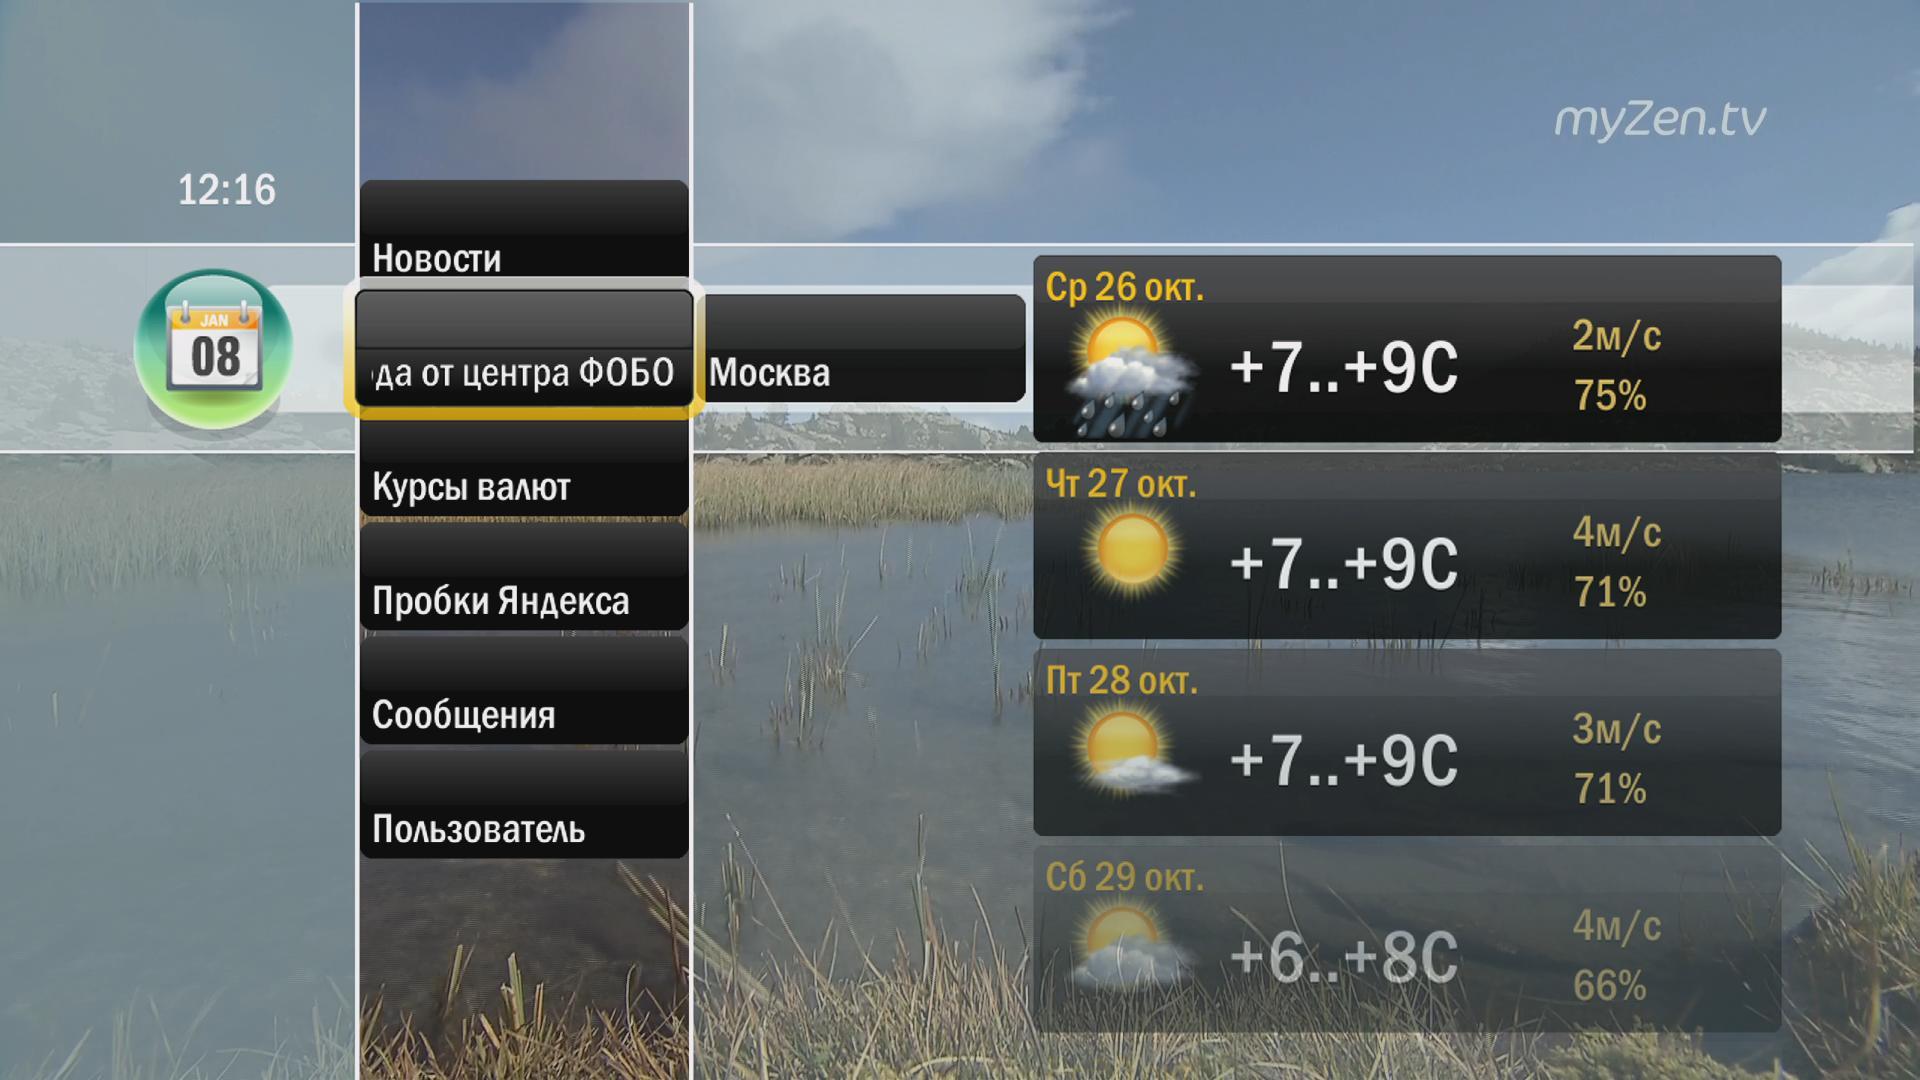 Г гуково погода на 3 дня